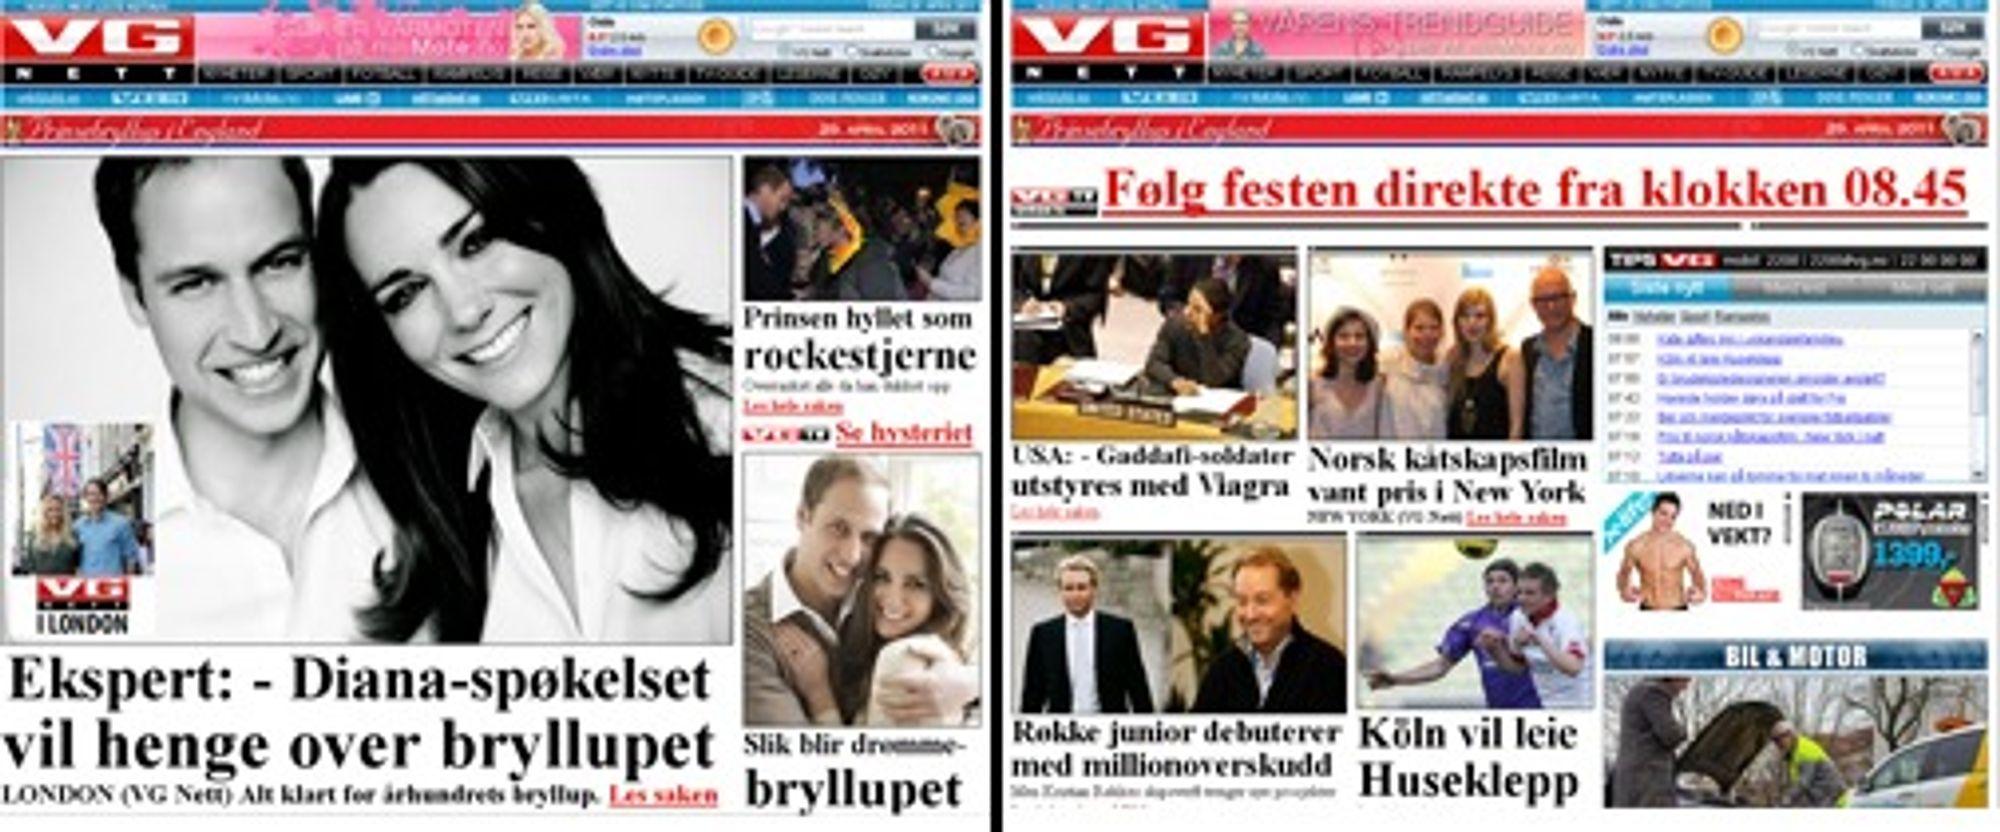 VGs forside med og uten prinsefilter.